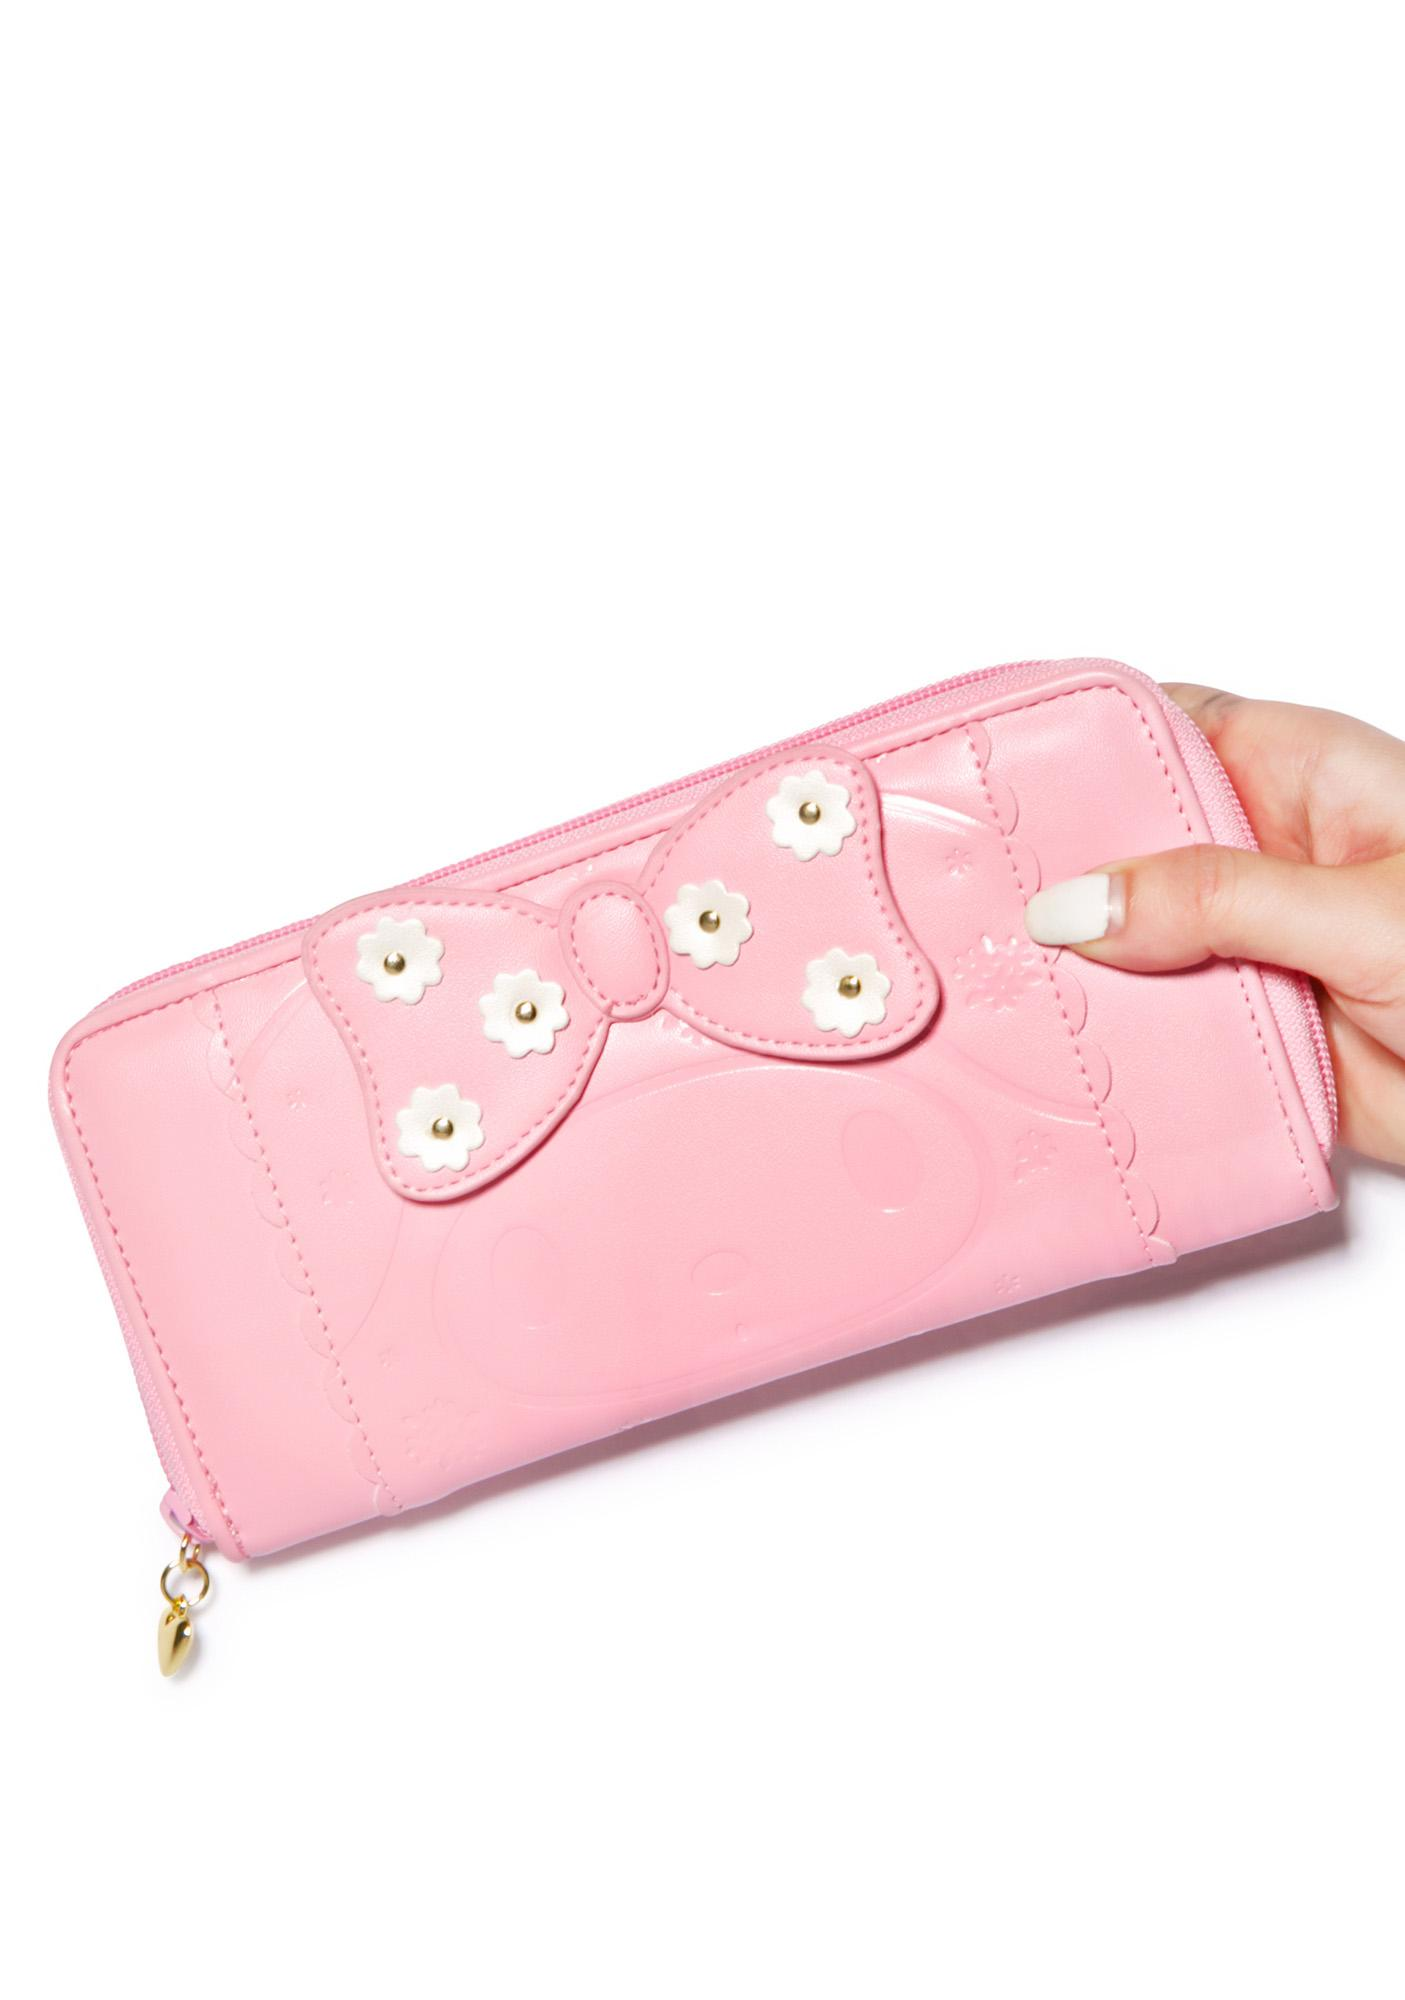 Sanrio My Melody Wallet